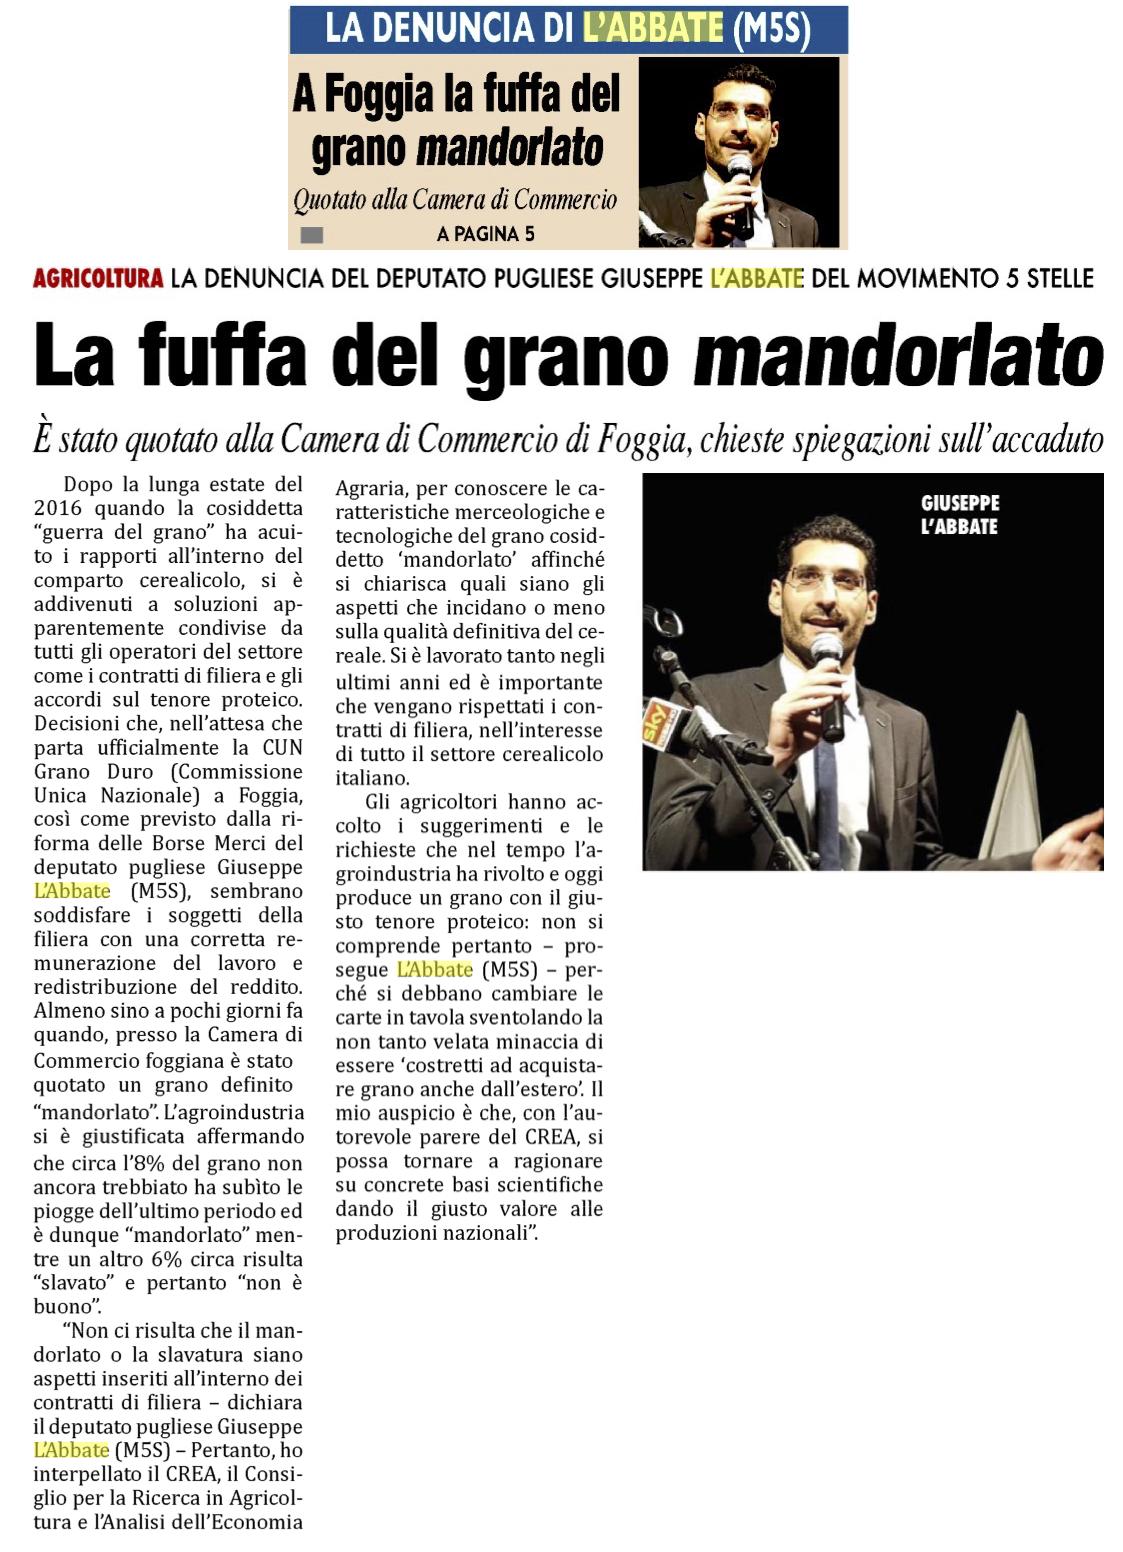 Il Mattino di Foggia - 28.06.2018